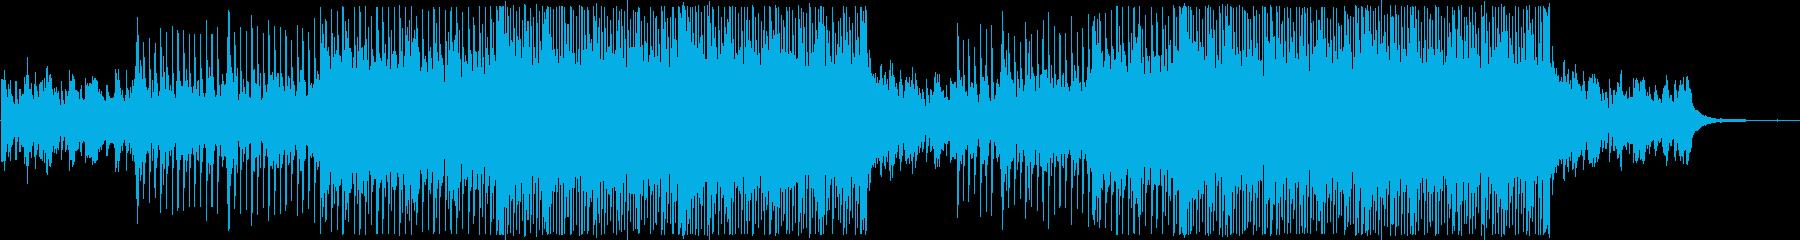 【メロ抜】ポジティブなアコギとマンドリンの再生済みの波形